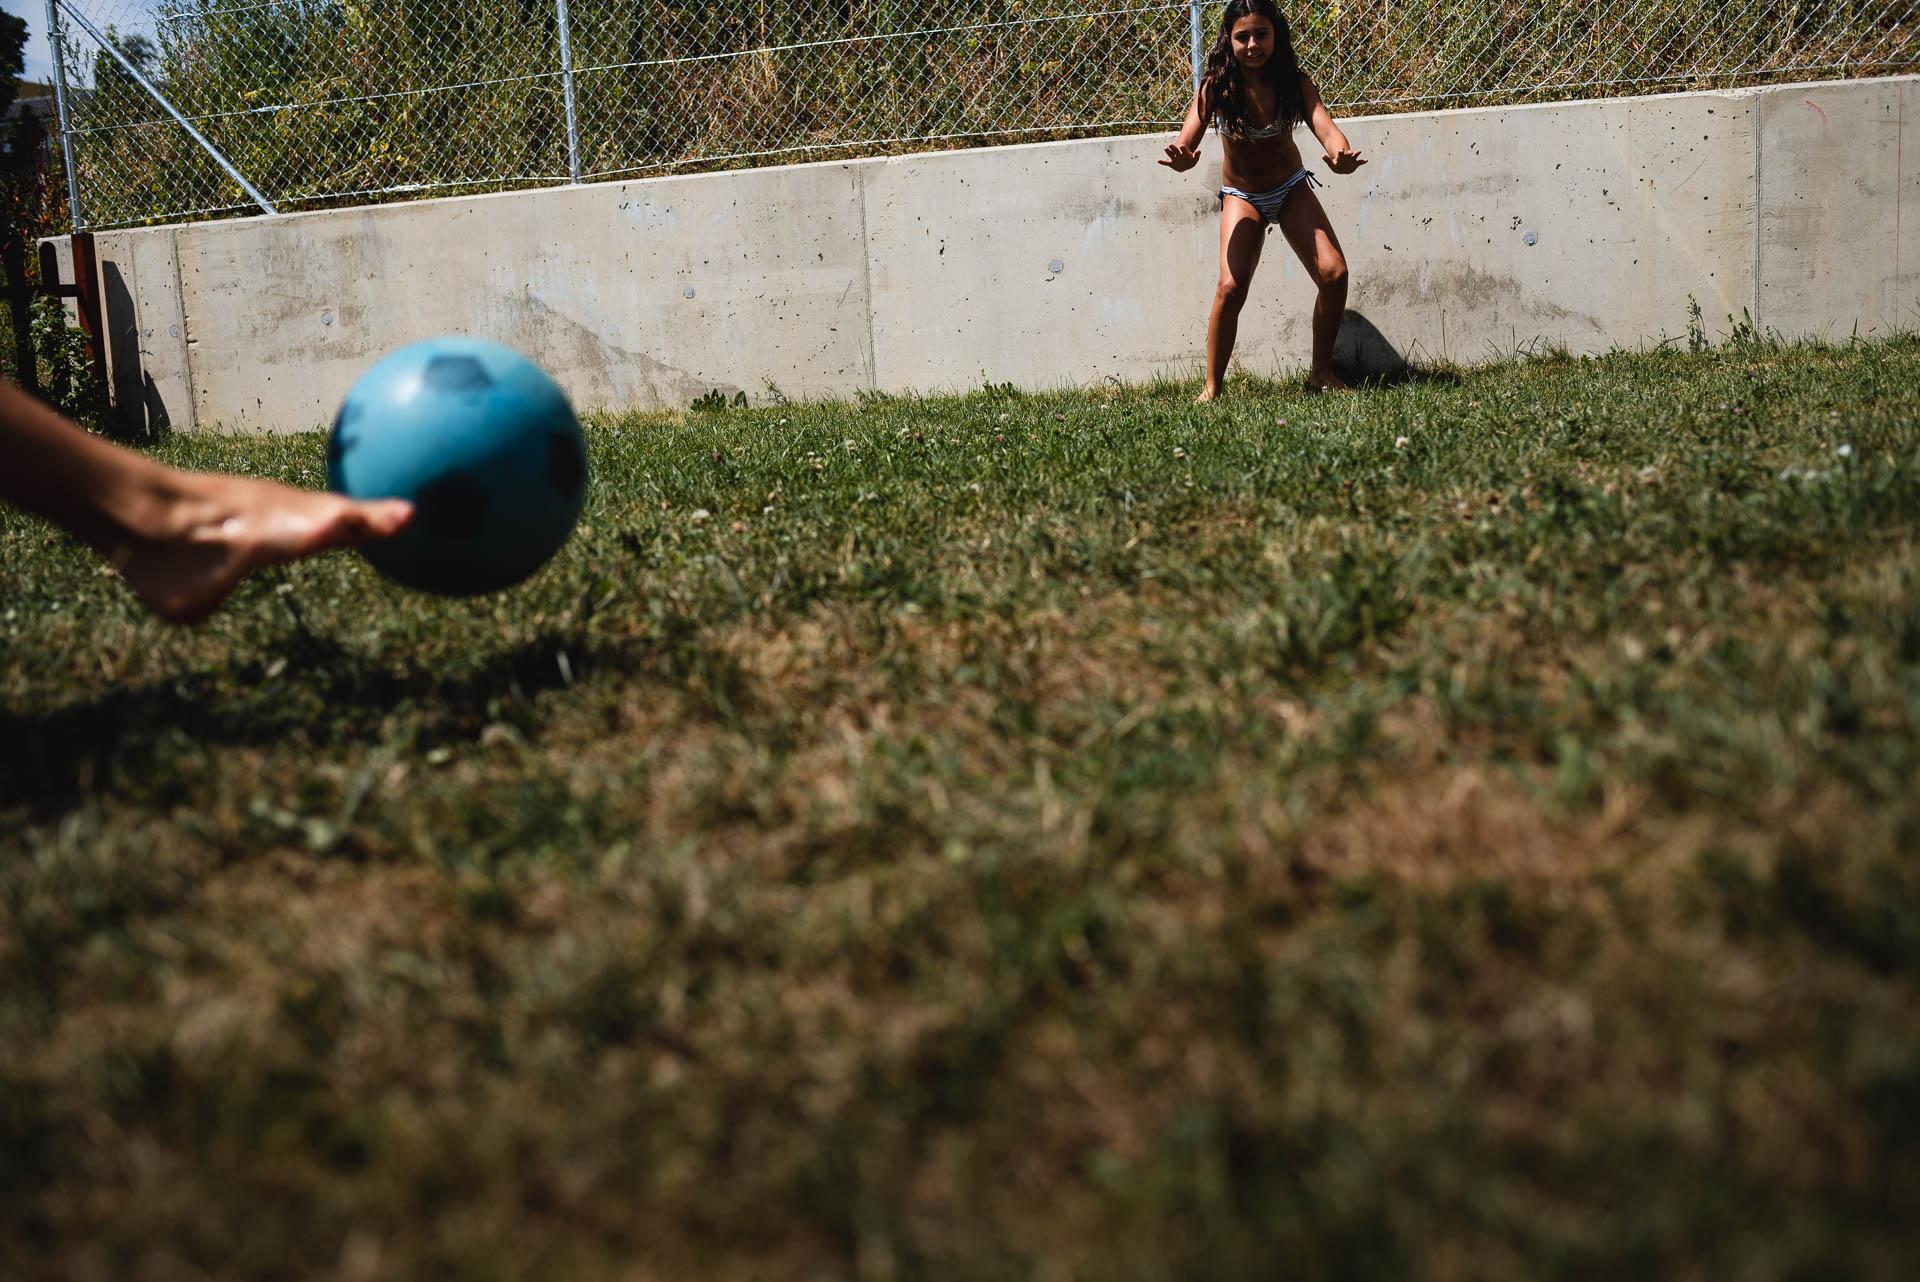 Zwei Teenager spielen Fussball auf der Wiese, im Vordergrund der Fuss vom einem, der den Ball wirft, im Hintergrund das Mädchen, das auf den Ball gespannt wartet